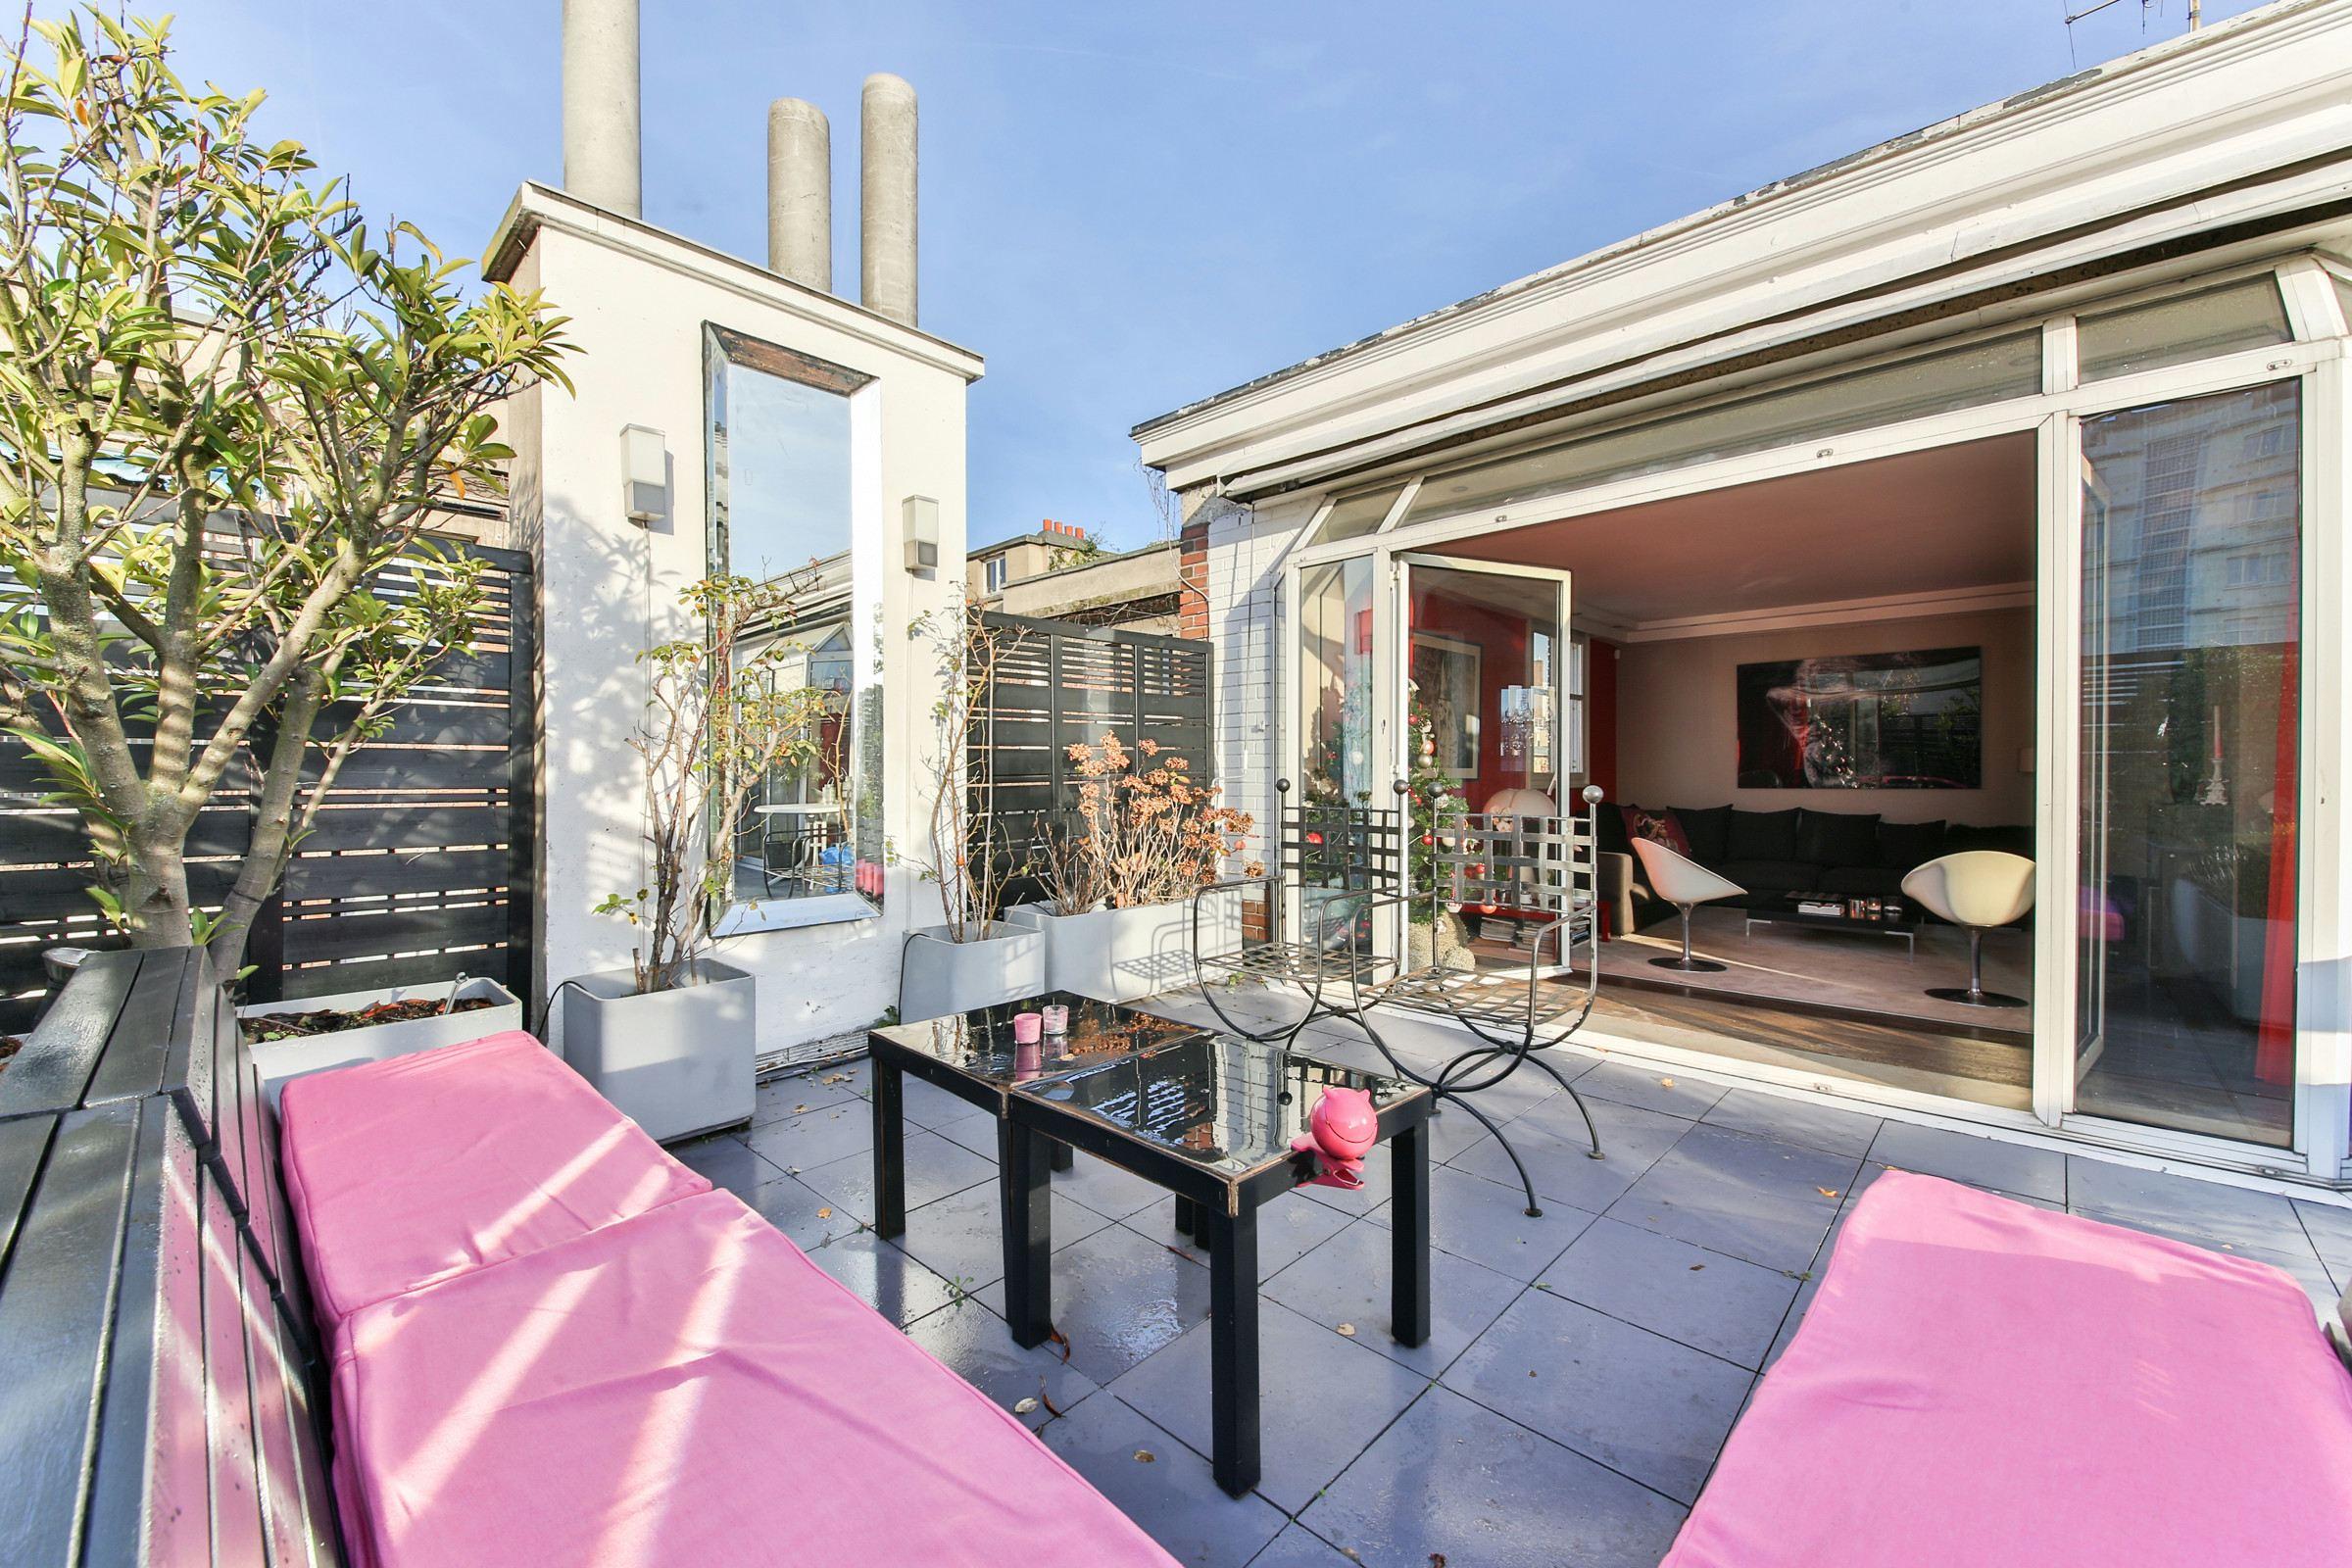 Property For Sale at Neuilly sur Seine - Saint James - A 200 sq.m duplex avec terrasse